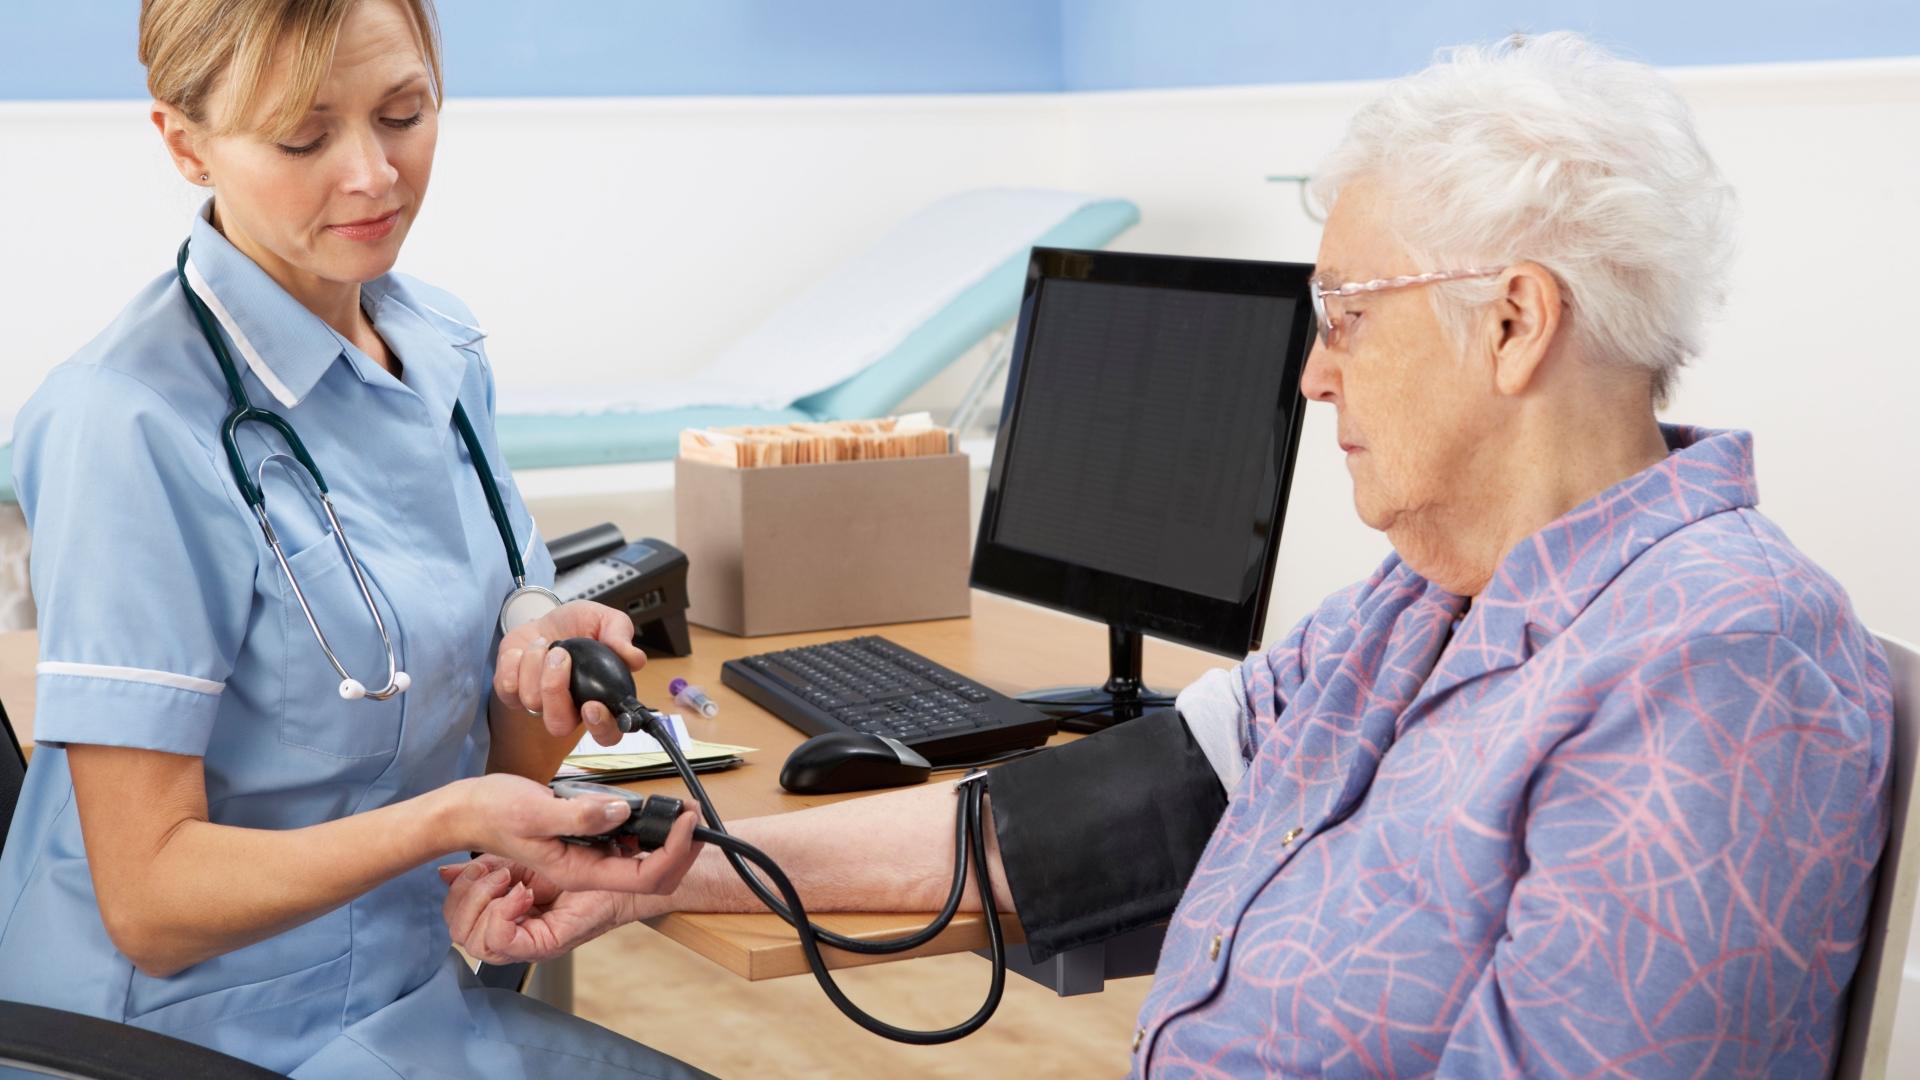 Нормализация артериального давления у пожилых людей может быть опасна